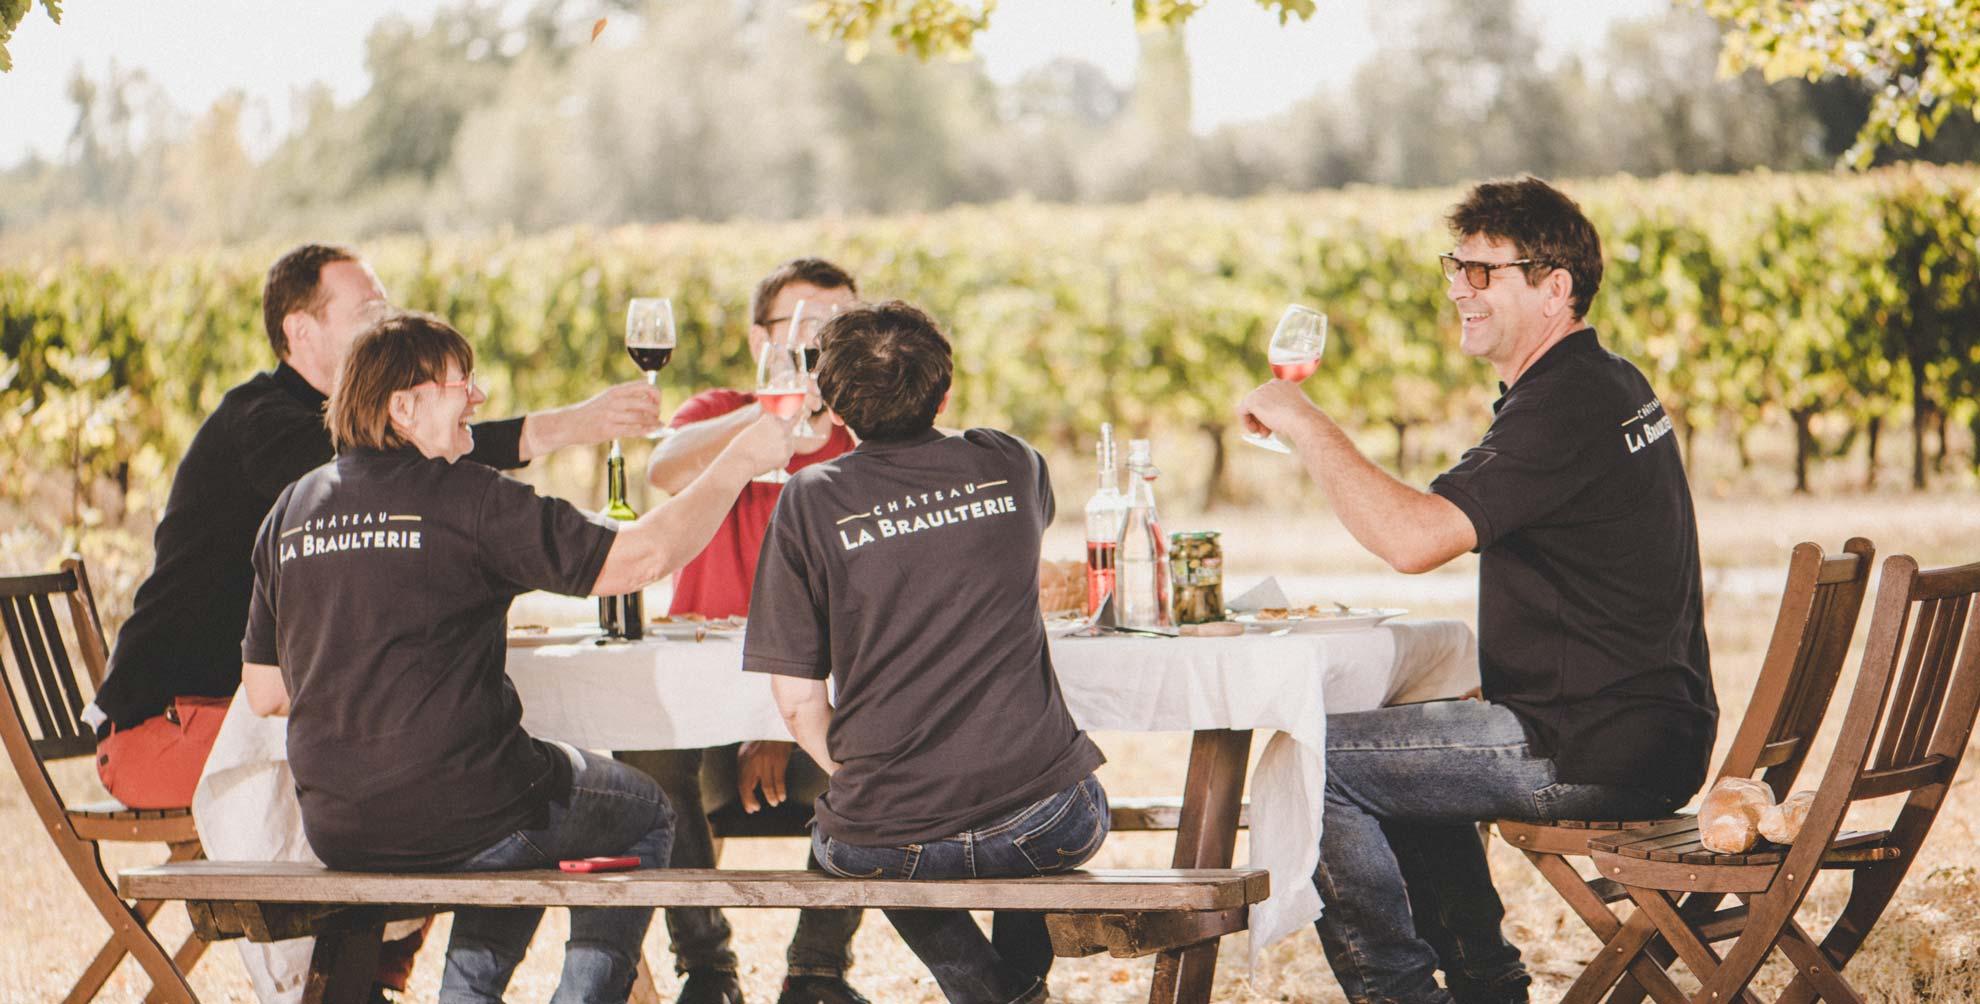 chateau-la-braulterie-partage-vin